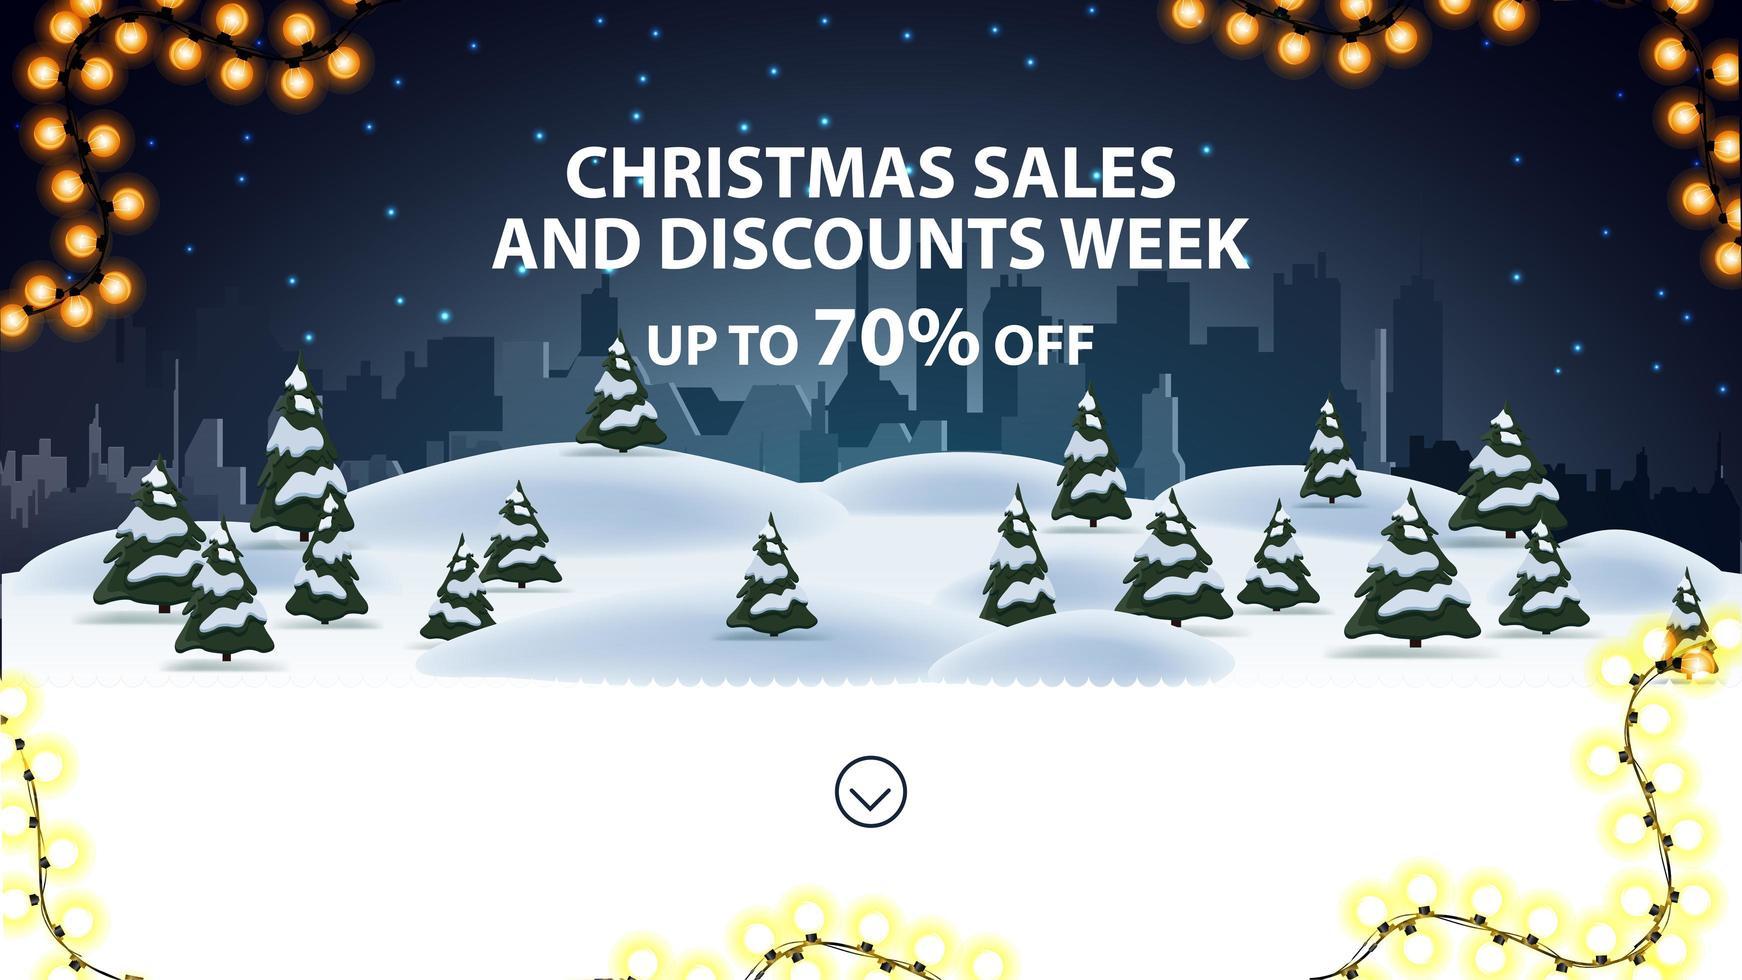 Weihnachtsverkäufe und Rabatte Woche, bis zu 70 Rabatt, Rabatt Banner für Website mit Nacht Cartoon Winterlandschaft im Hintergrund vektor